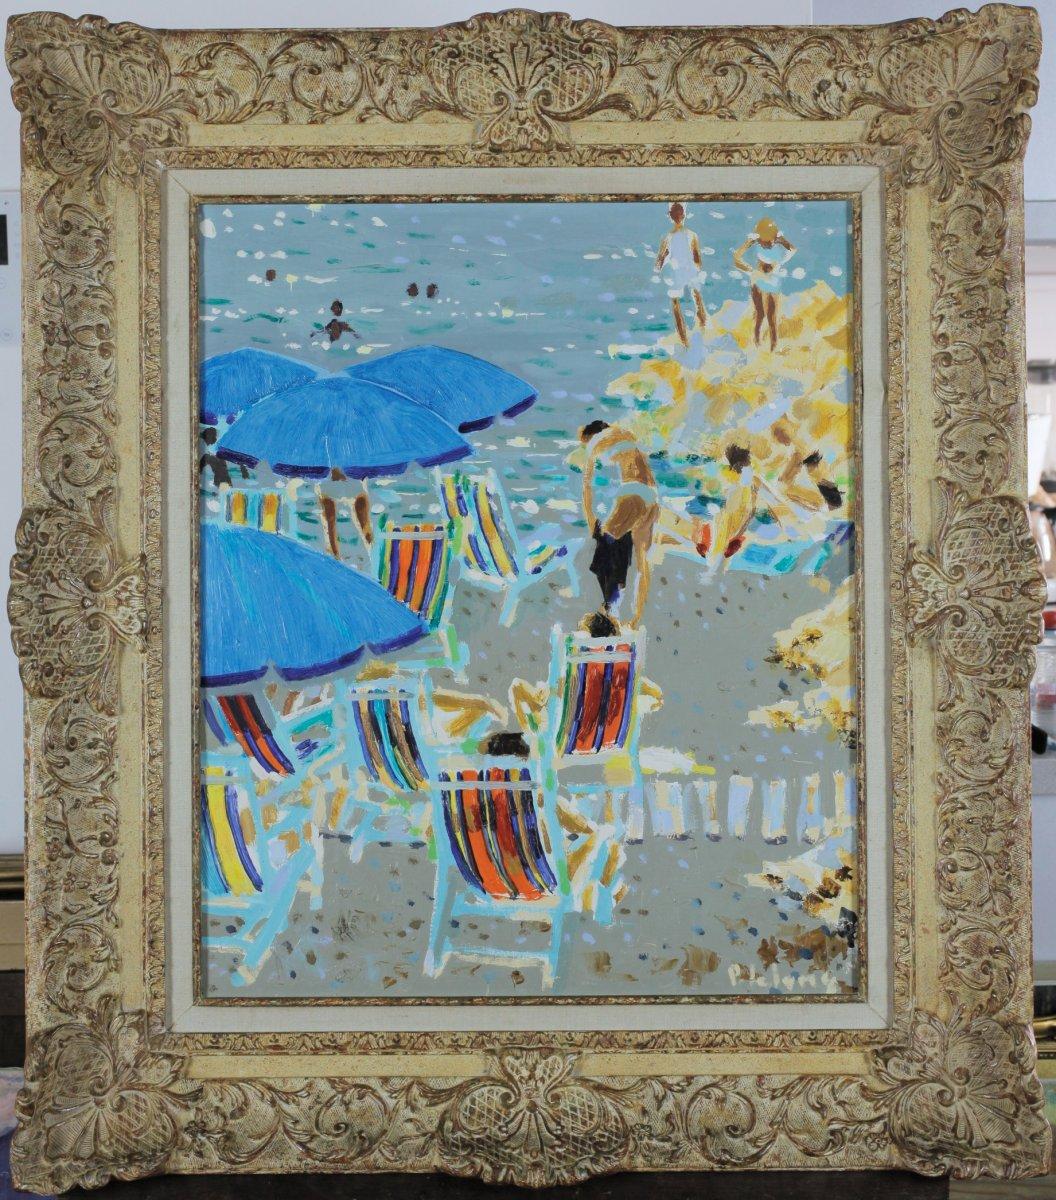 Pierre Emile Gabriel Lelong, 1908-1984, Les Parasols Bleus 1964, Label Galerie 65 In Cannes